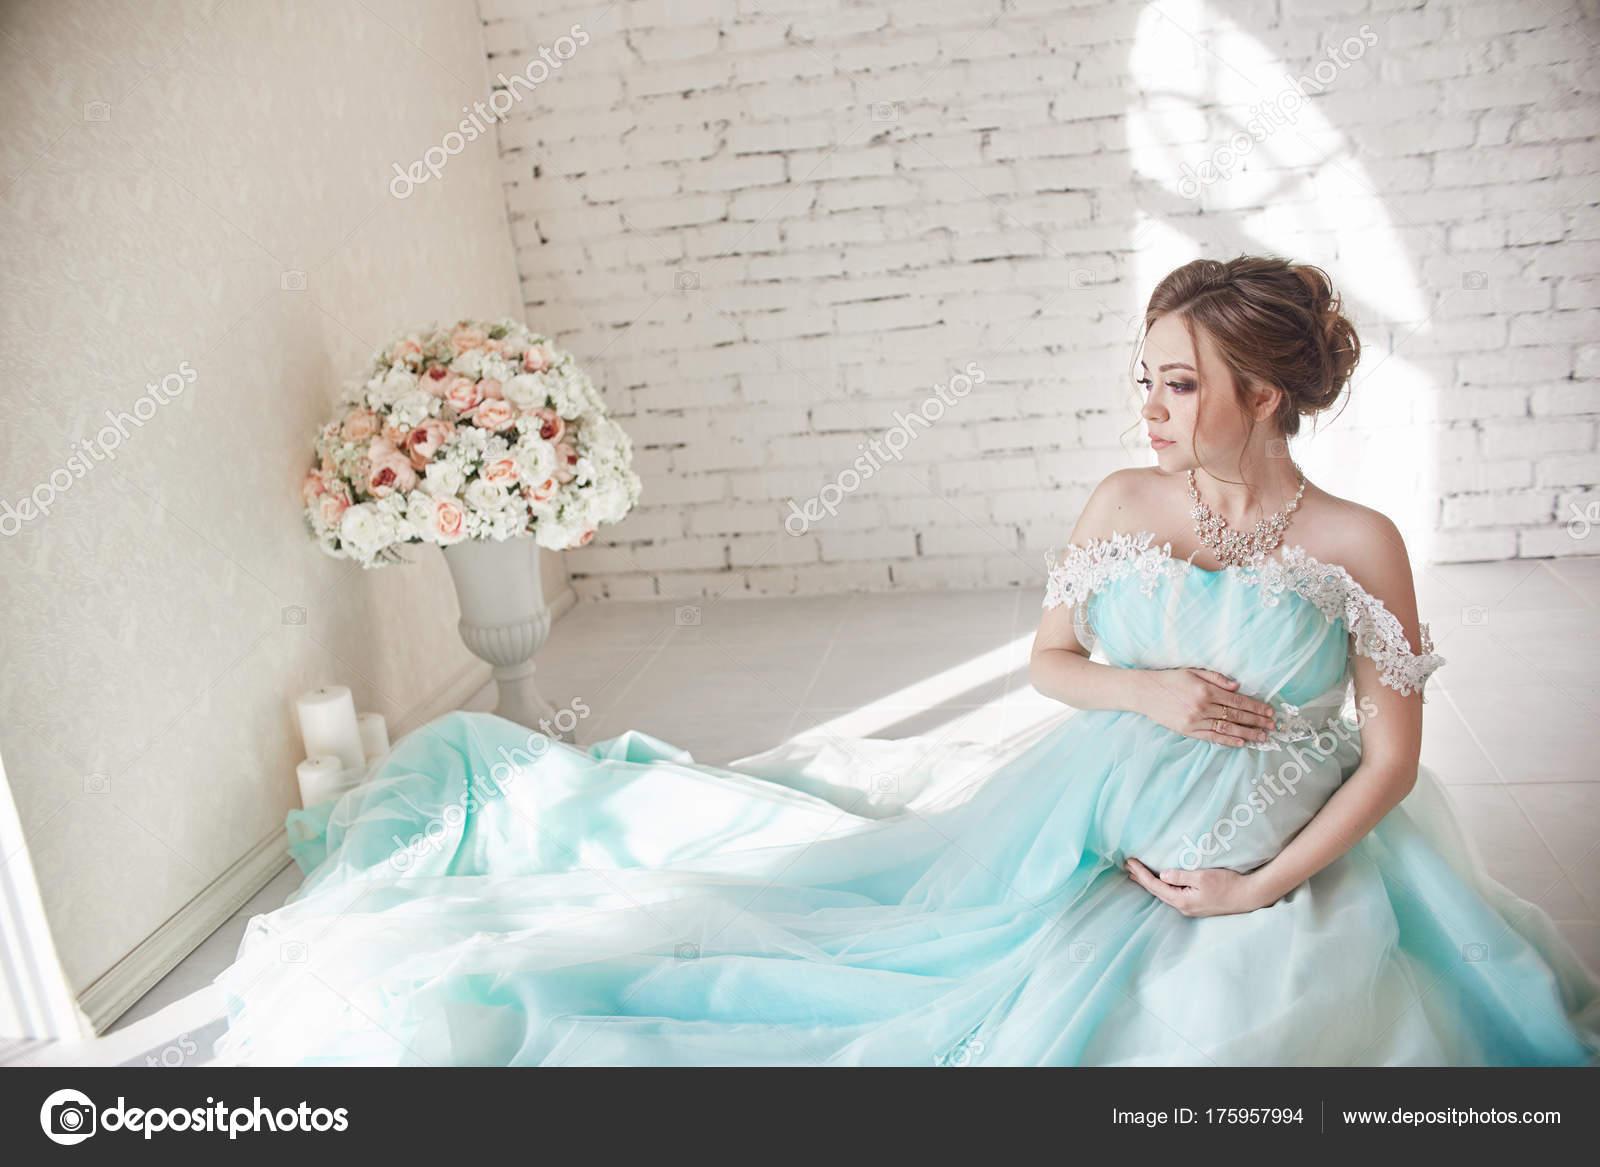 Pregnancy, pregnant woman, family planning, caesarean section de ...